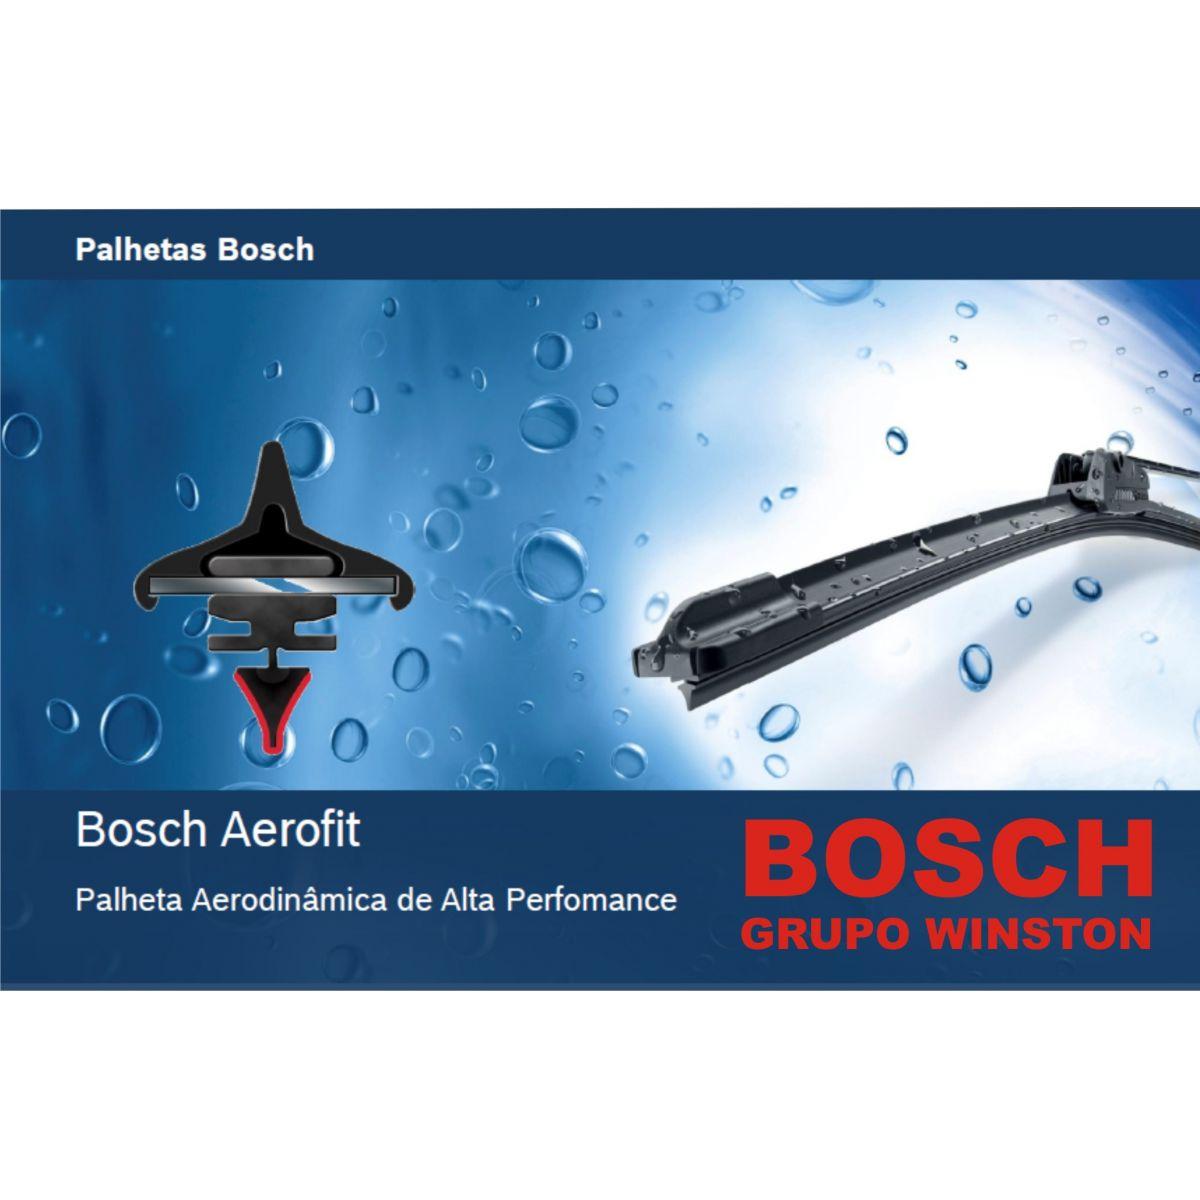 Palheta Bosch Aerofit Limpador de para brisa Bosch CHERY Cielo 2010 em diante